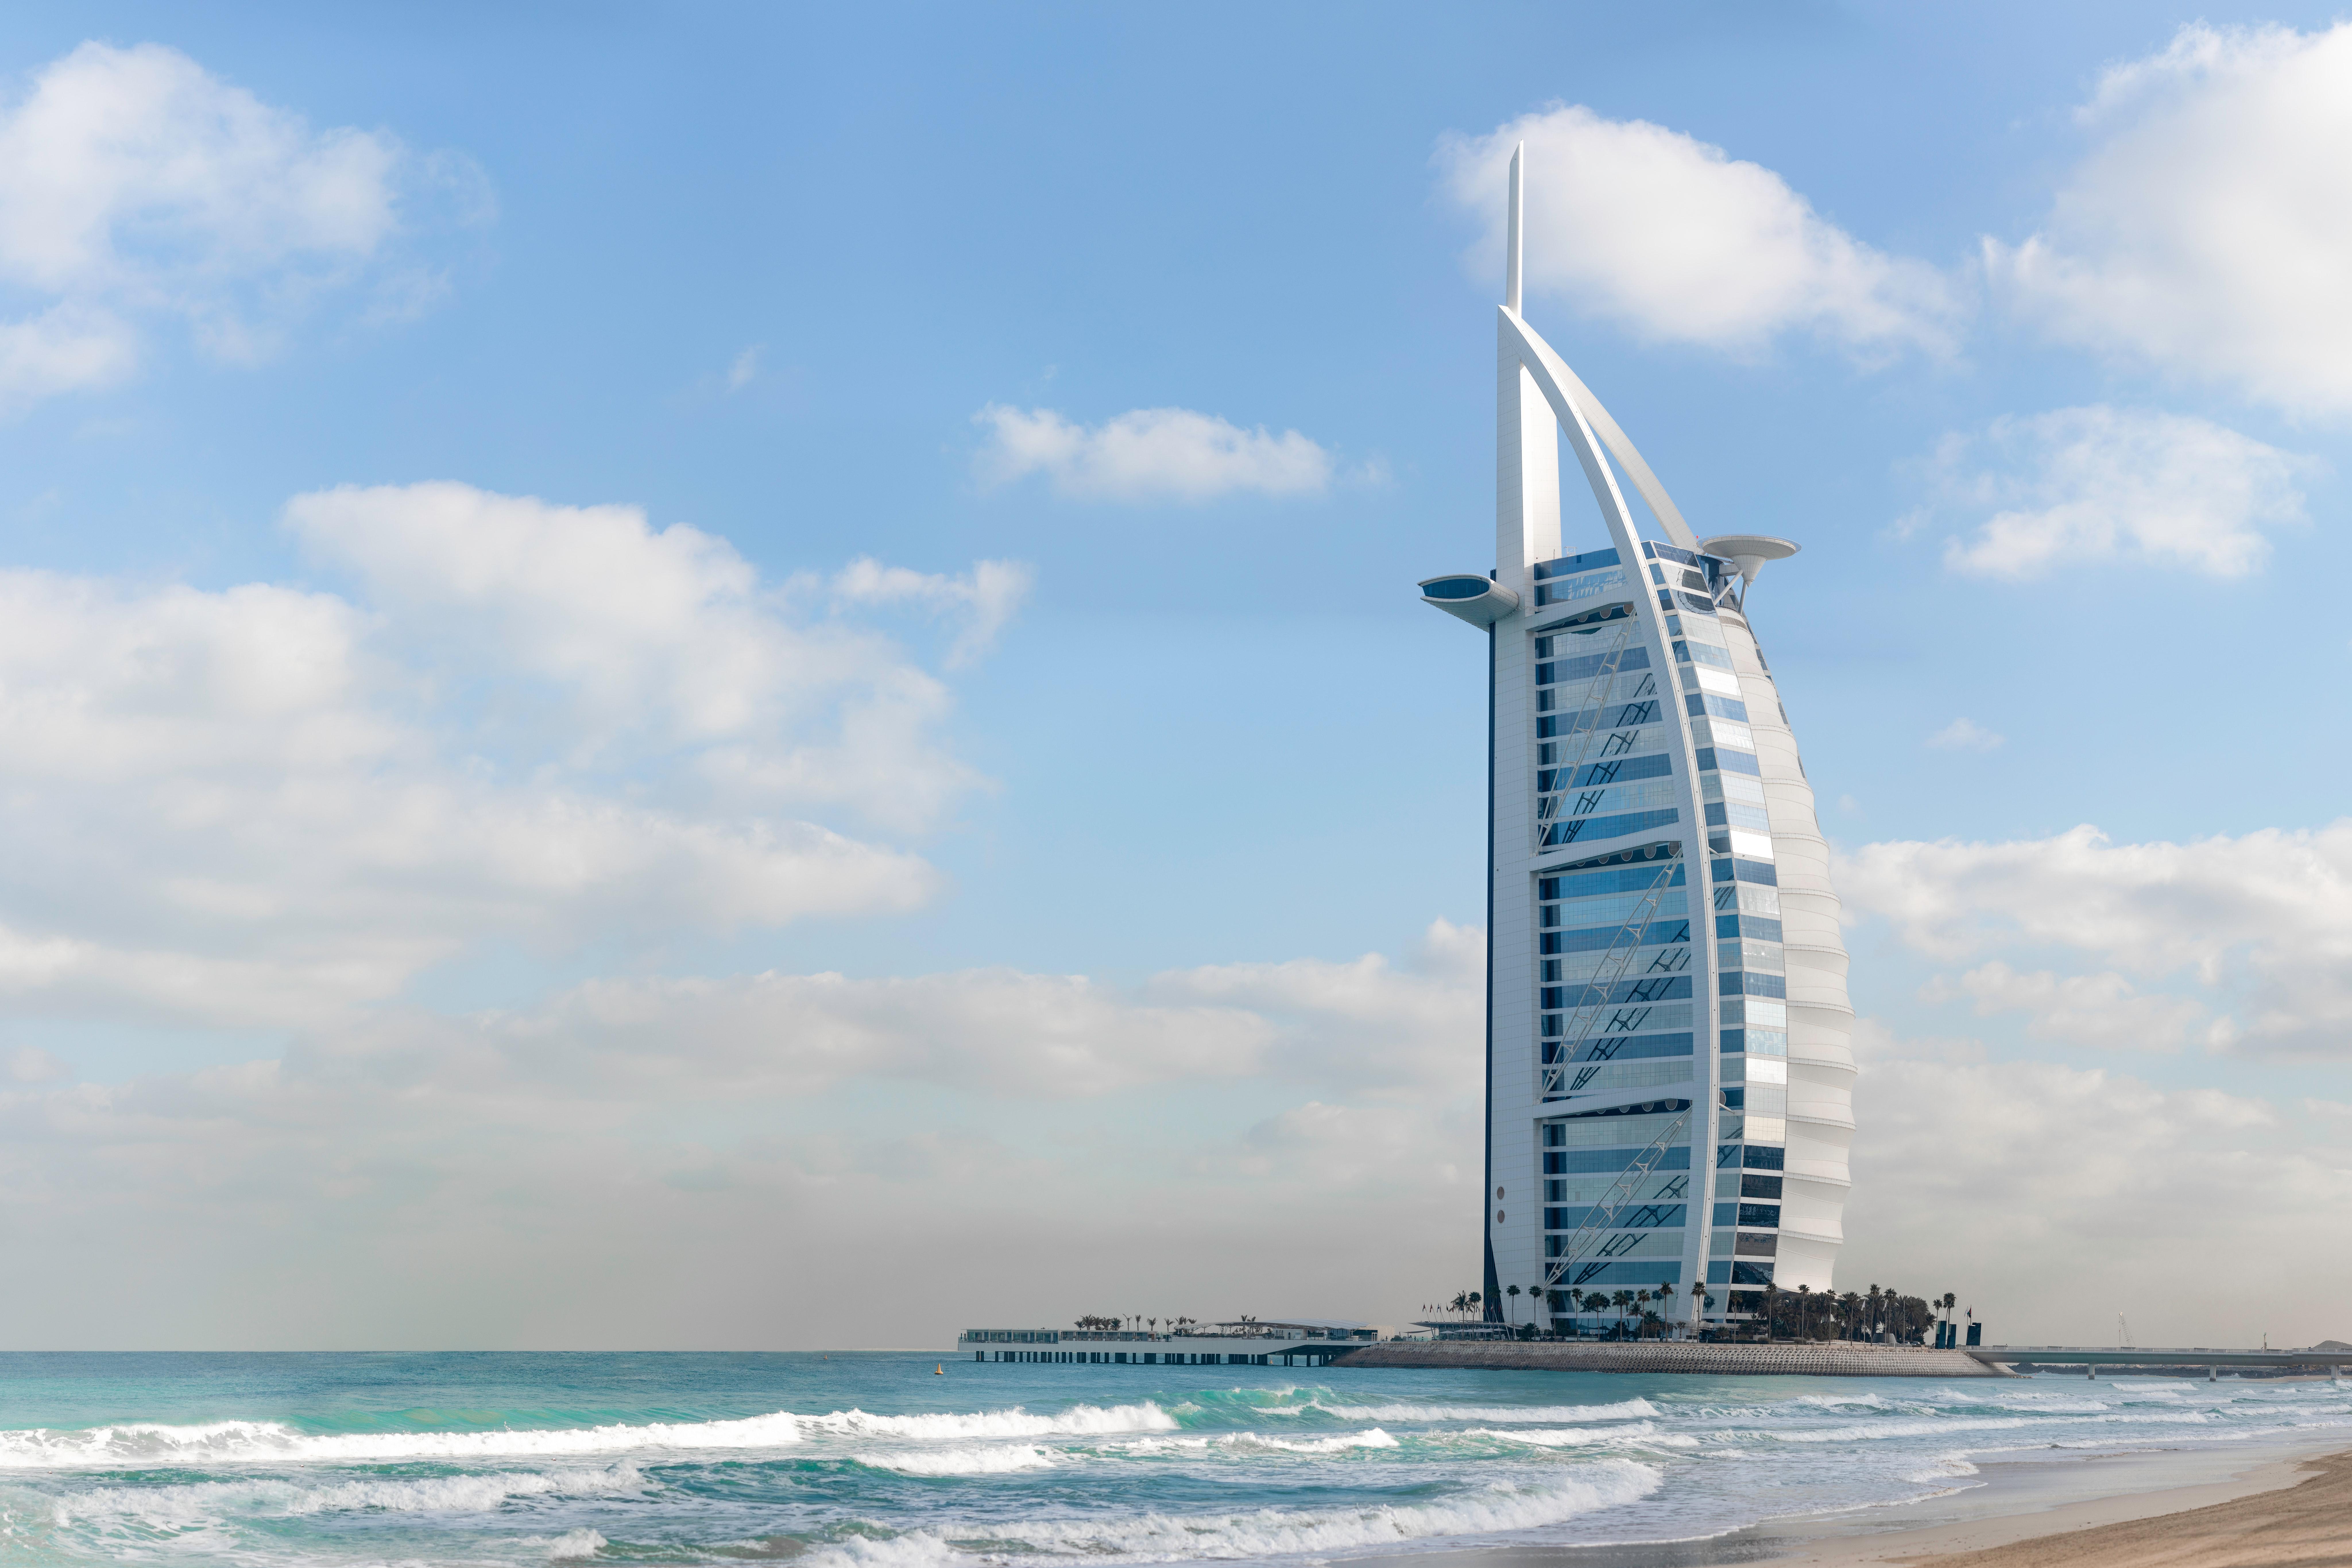 burj-al-arab-dubai-2044434.jpg